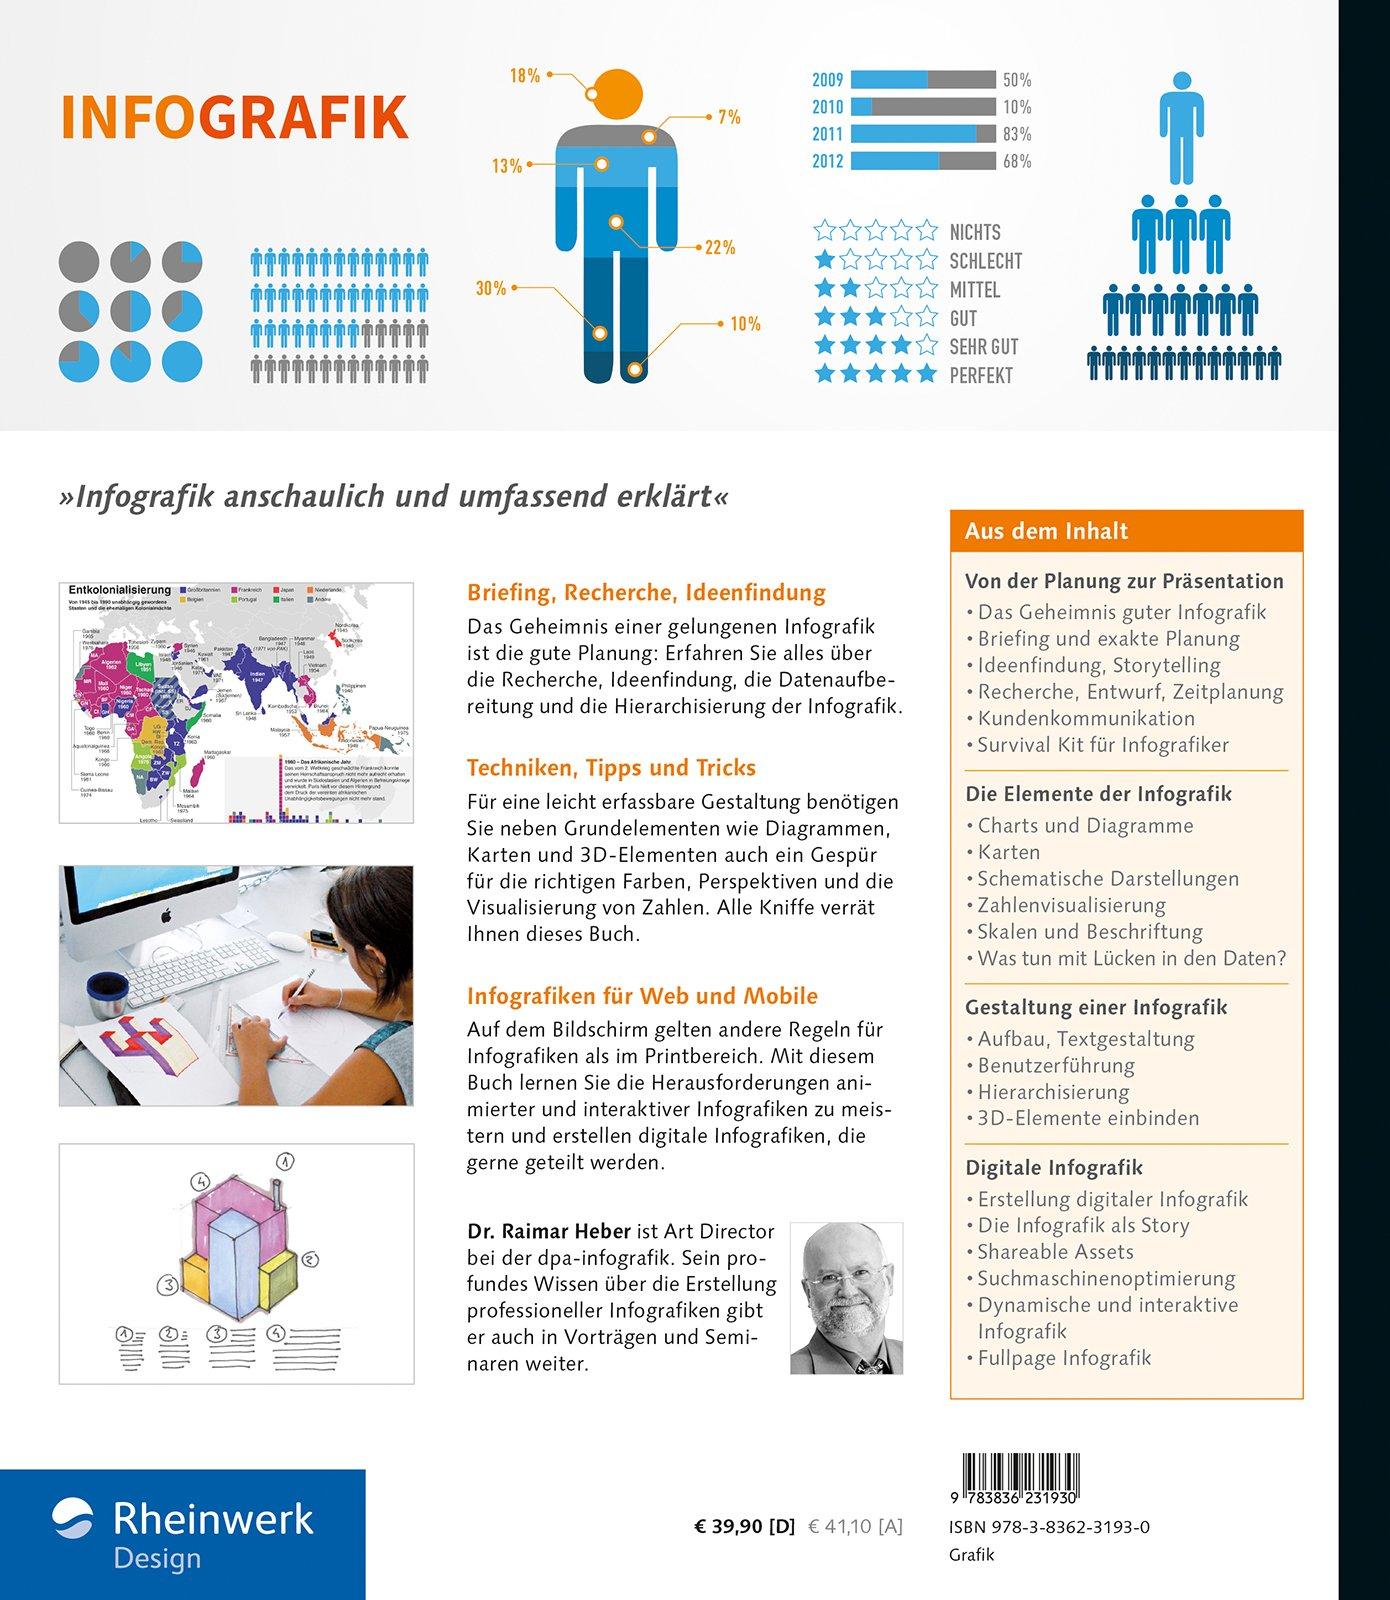 Infografik: Gute Geschichten erzählen mit komplexen Daten: Fakten ...